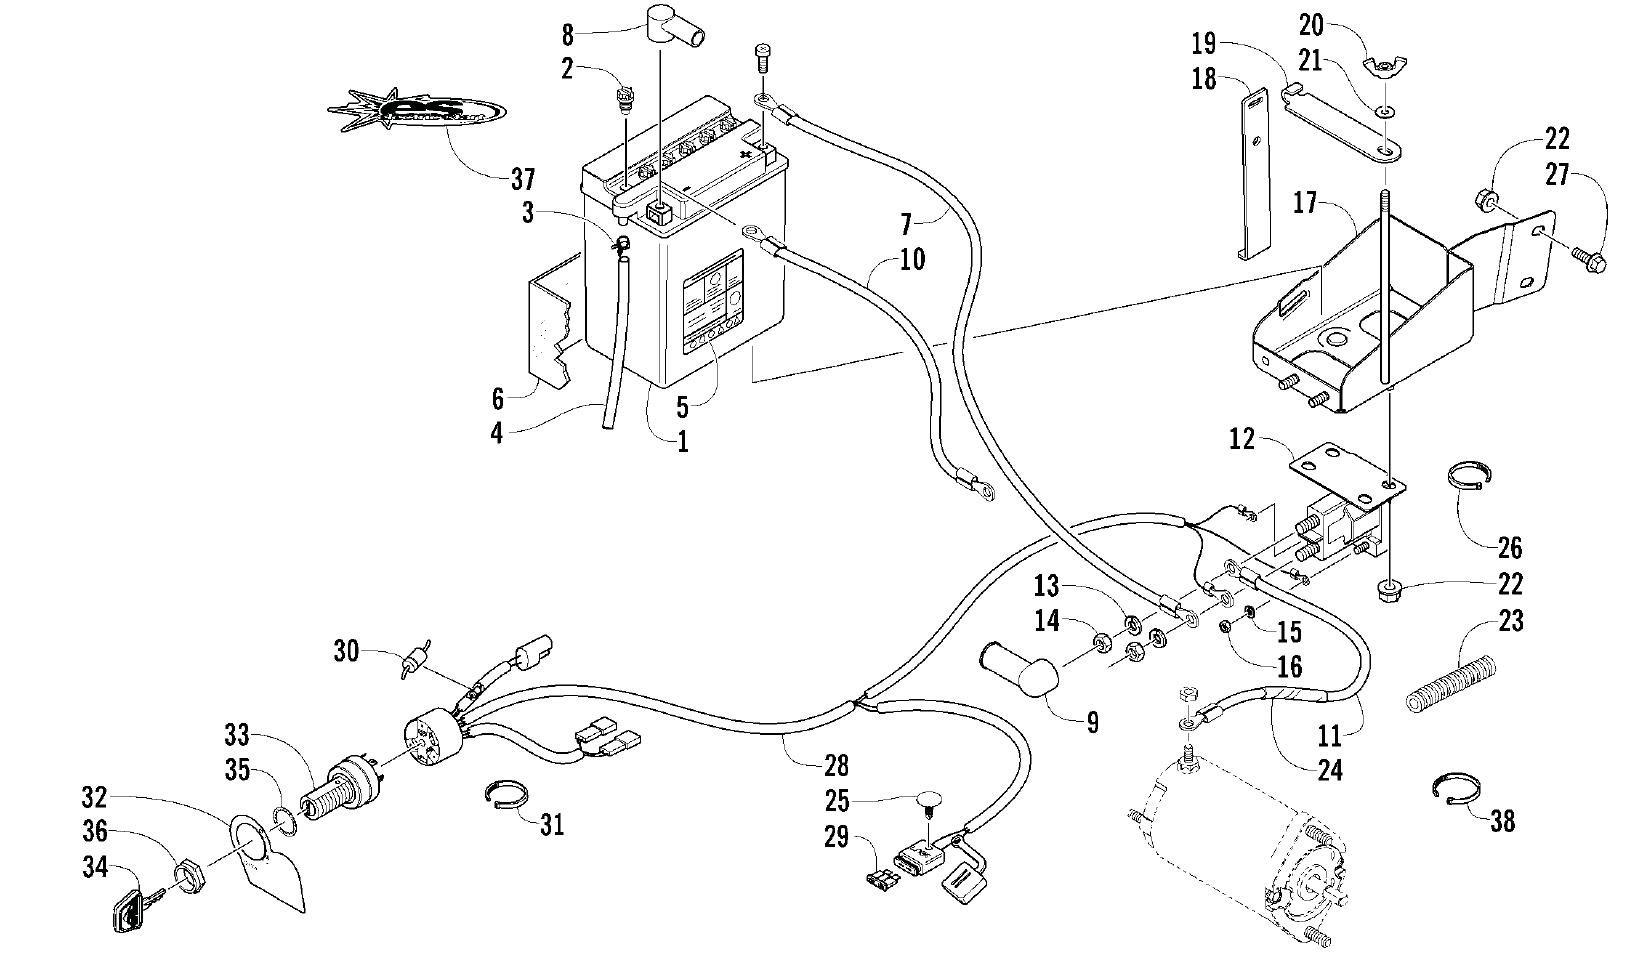 1998 Arctic Cat 500 4x4 Wiring Diagram